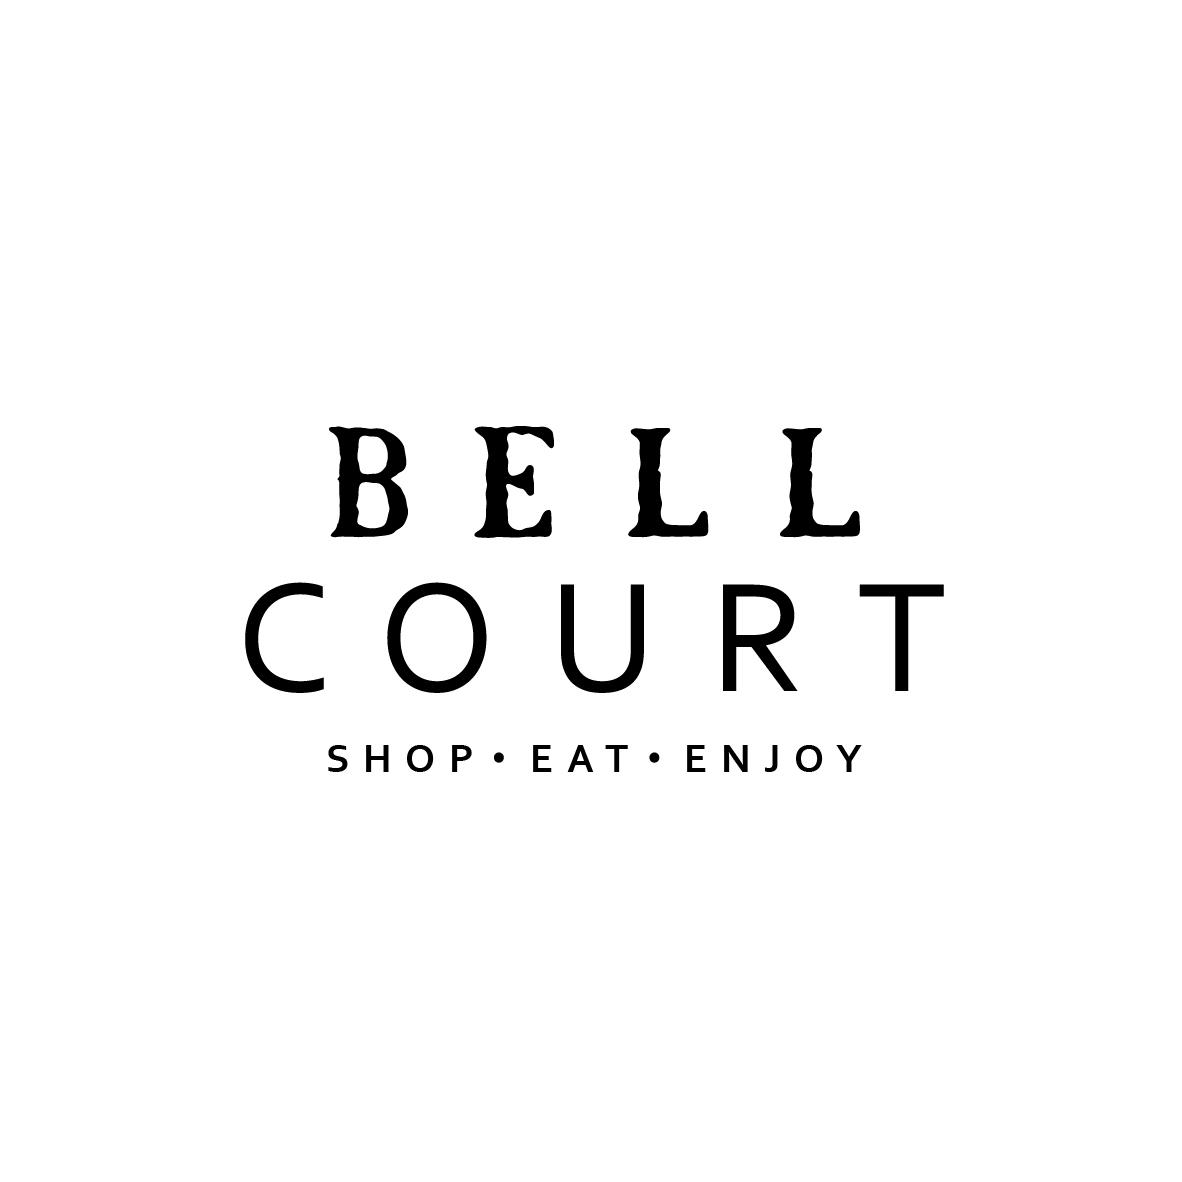 Bell Court logo